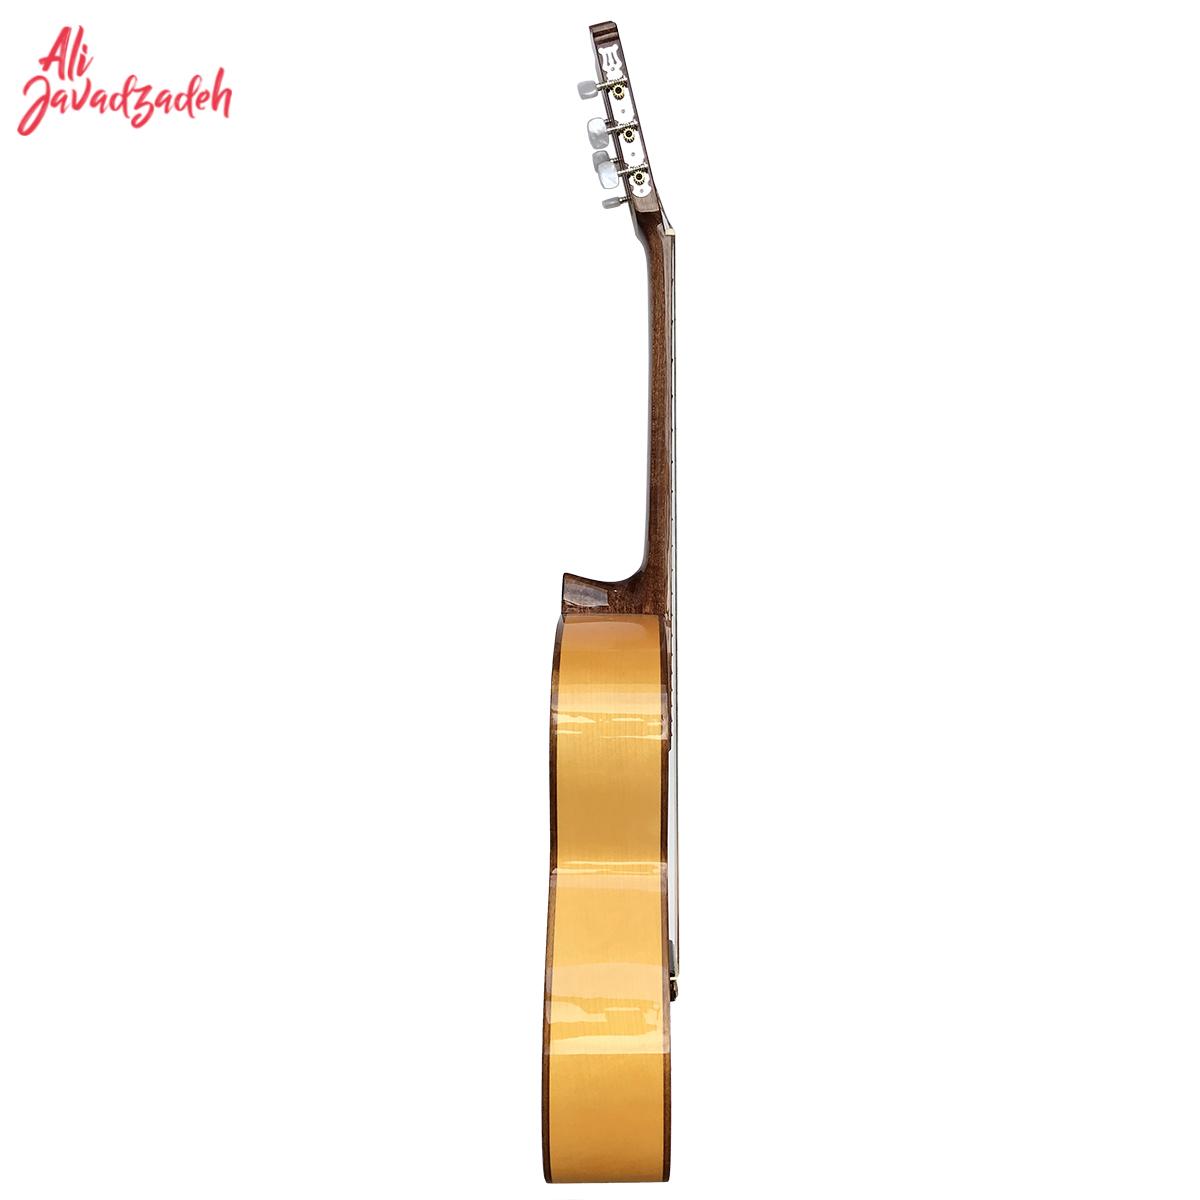 گیتار فلامنکو آنتونیو سانچز مدل 1018